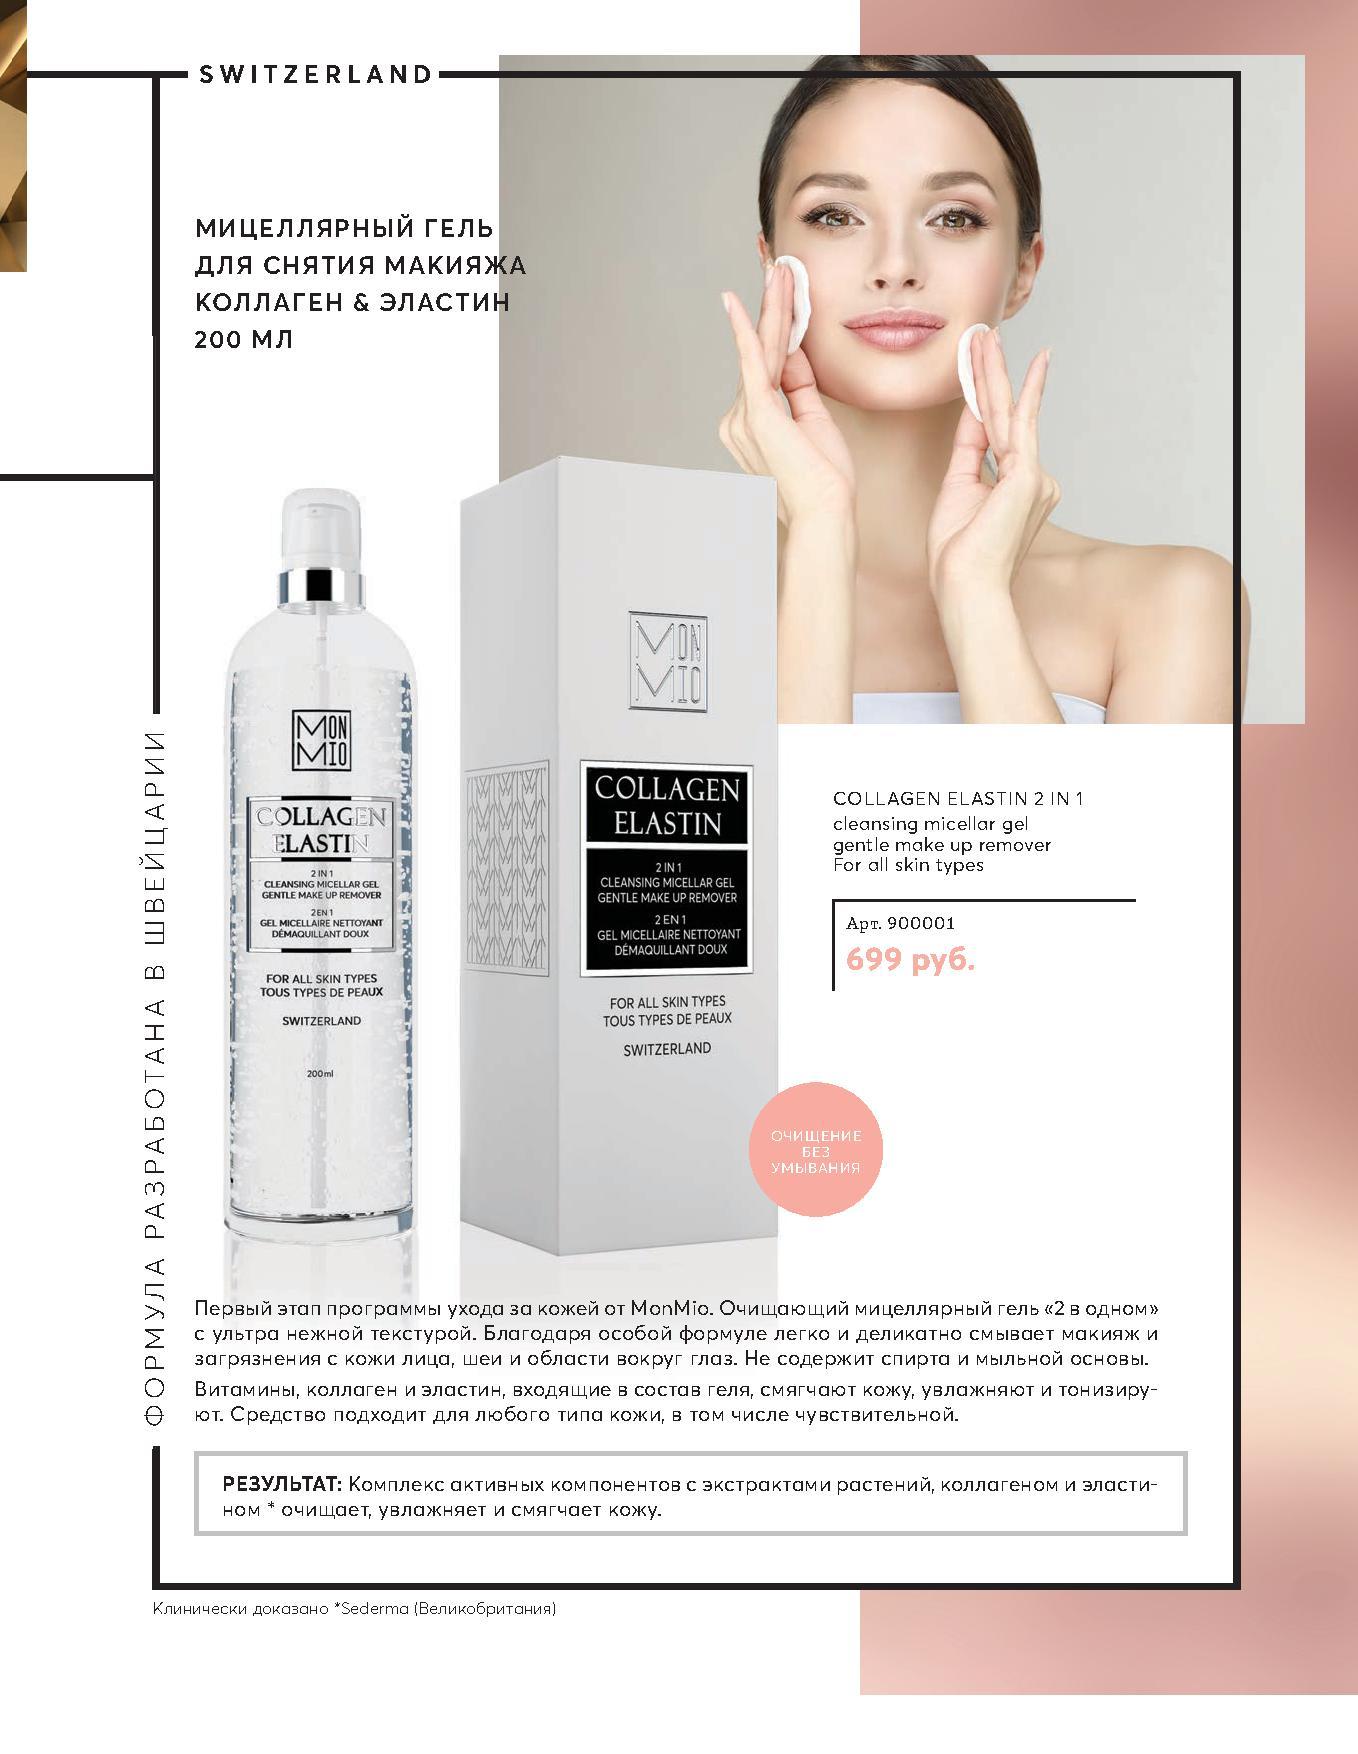 упаковка Мицеллярный гель для снятия макияжа косметика премиум класса МонМио каталог осень - зима 2018/2019